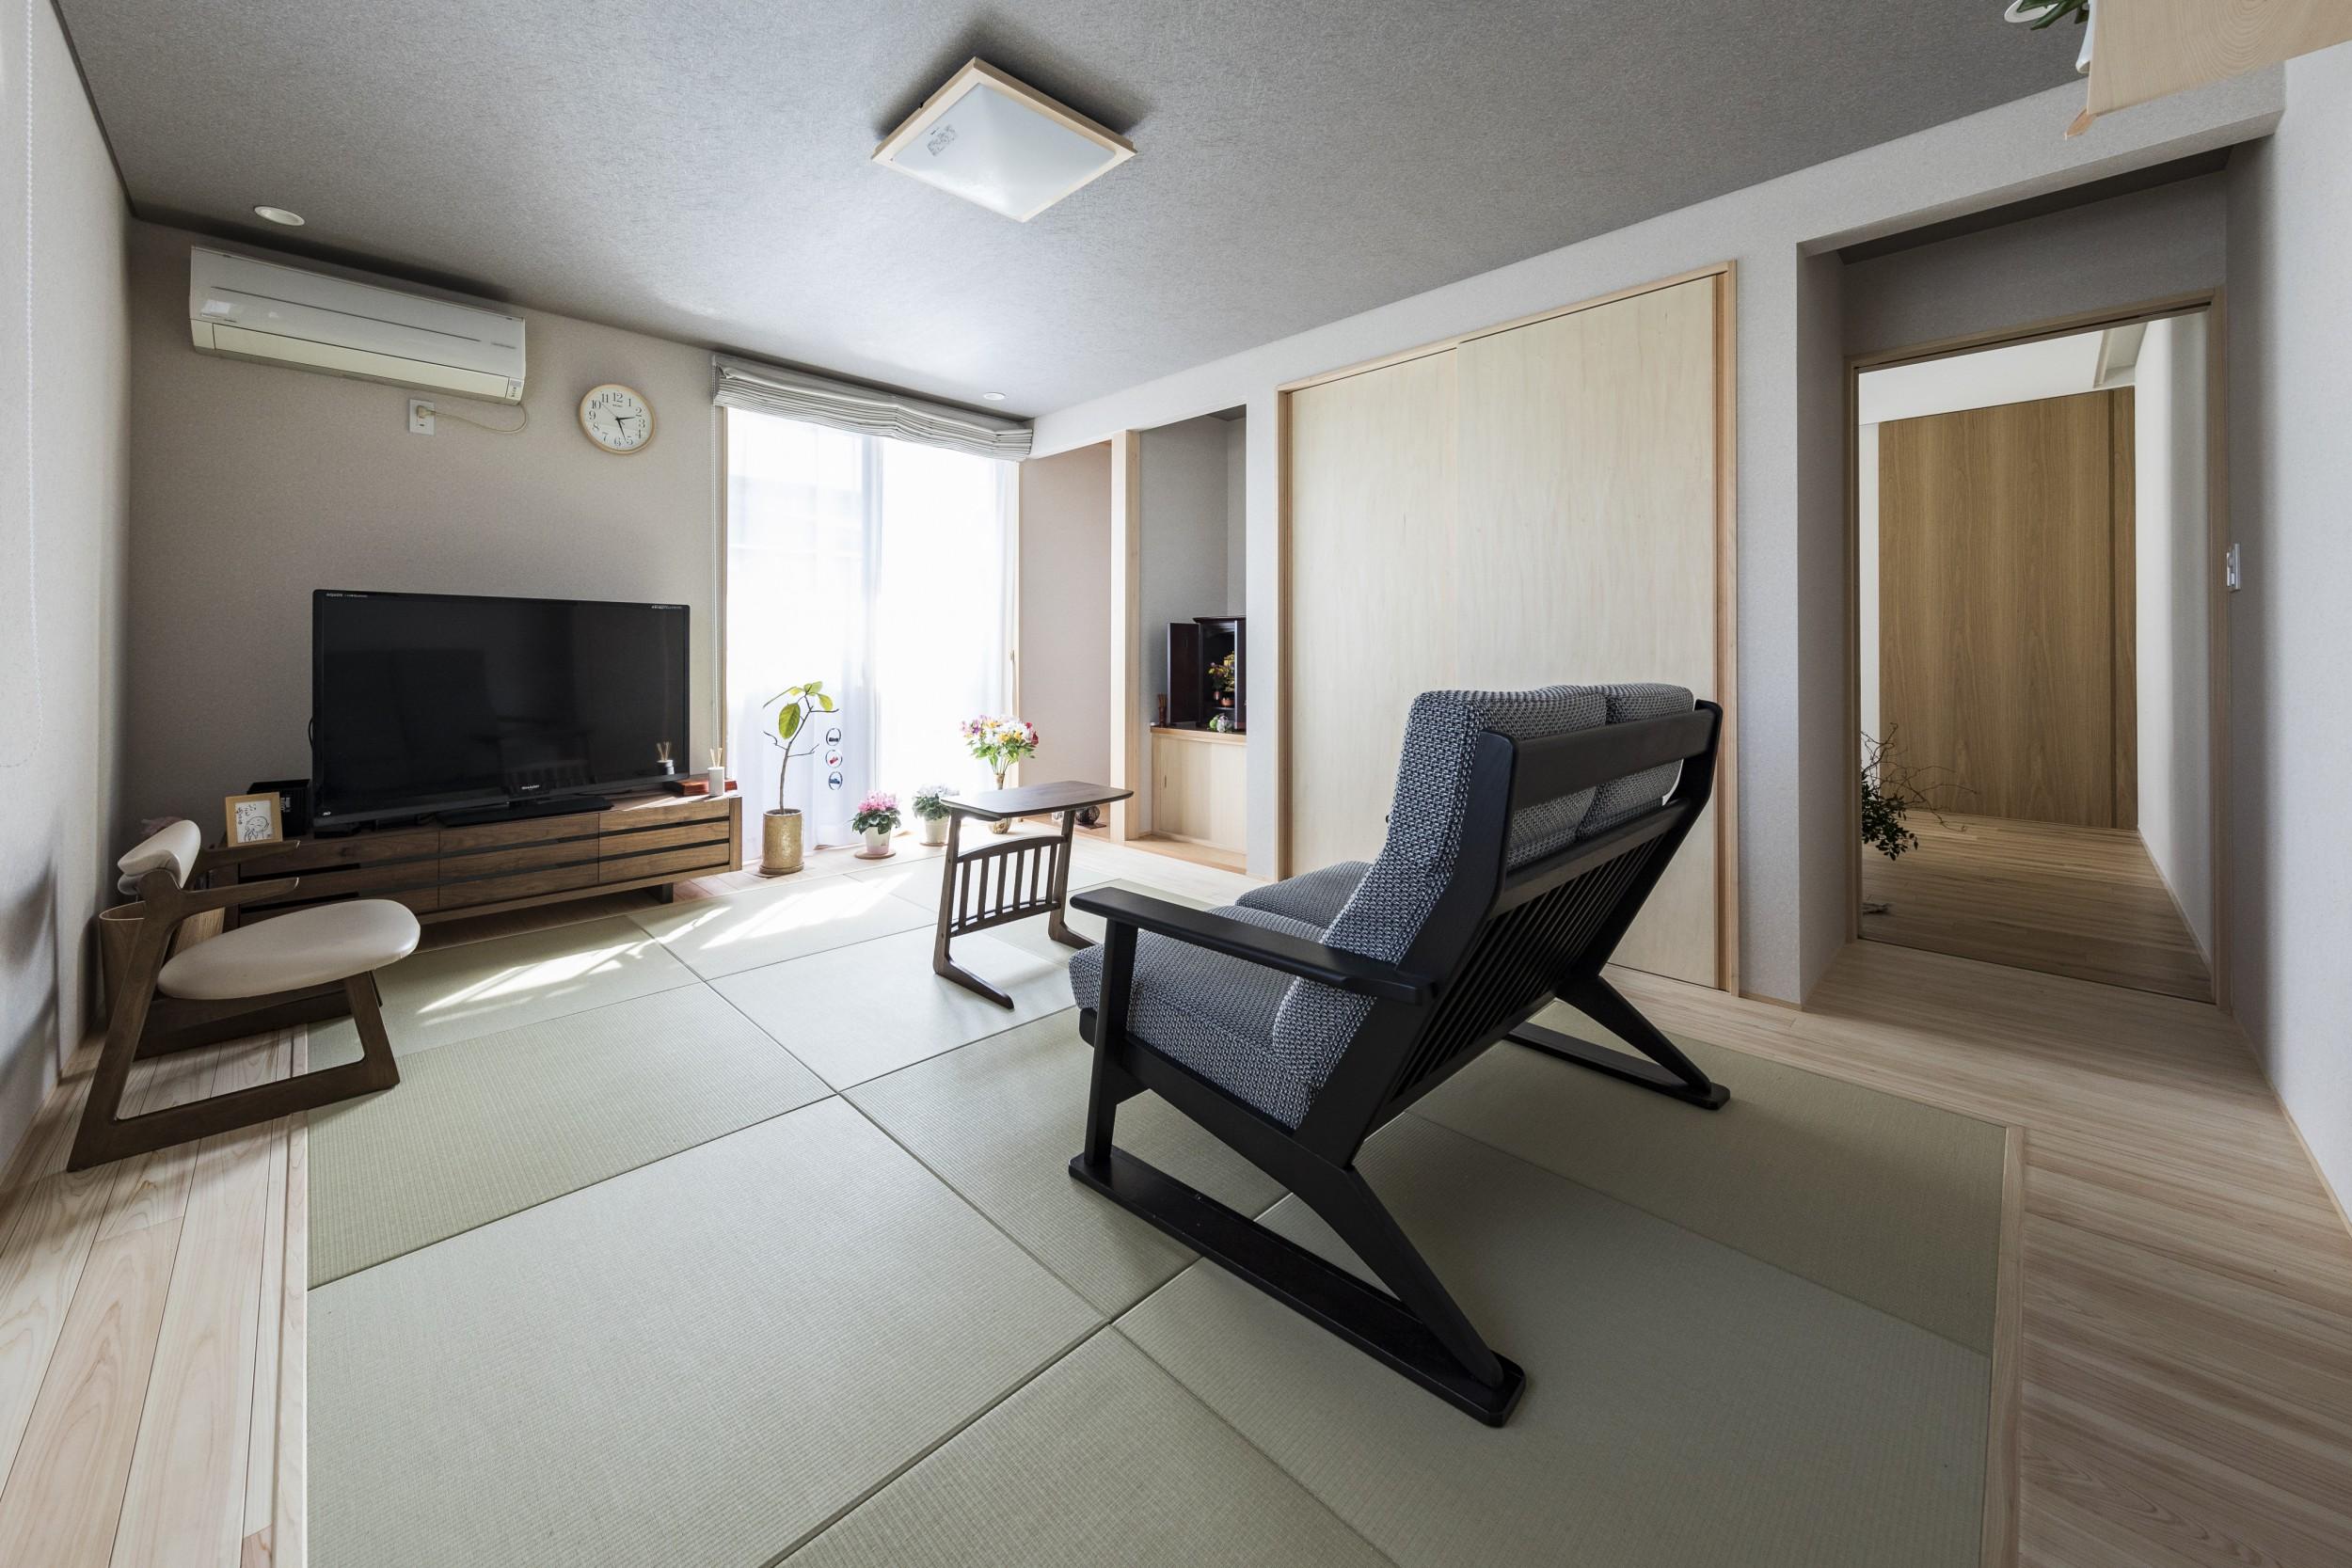 岐阜県瑞穂市の二世帯住宅リノベーション事例の和室